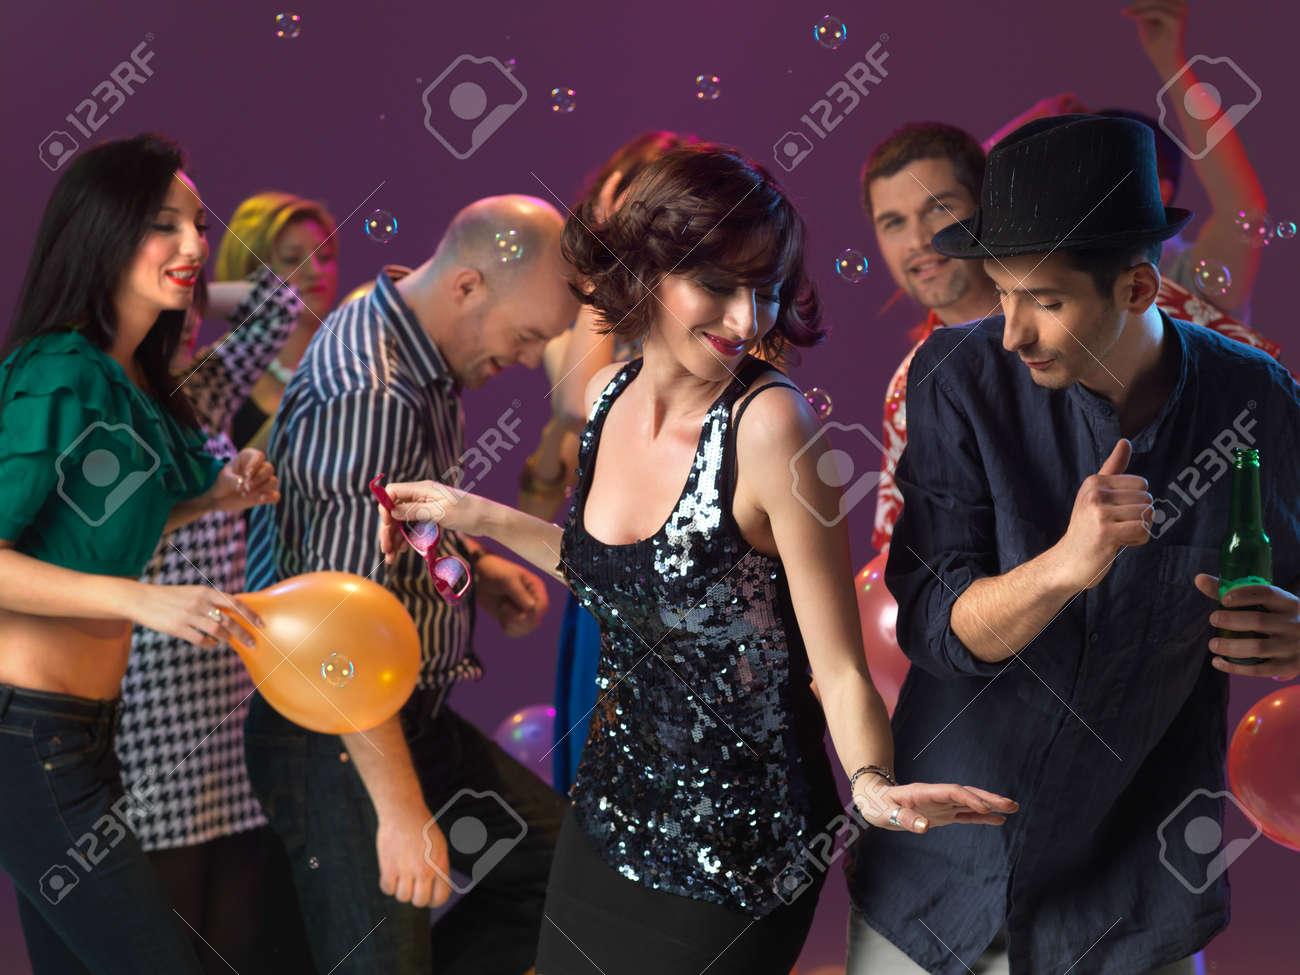 beim tanzen flirten